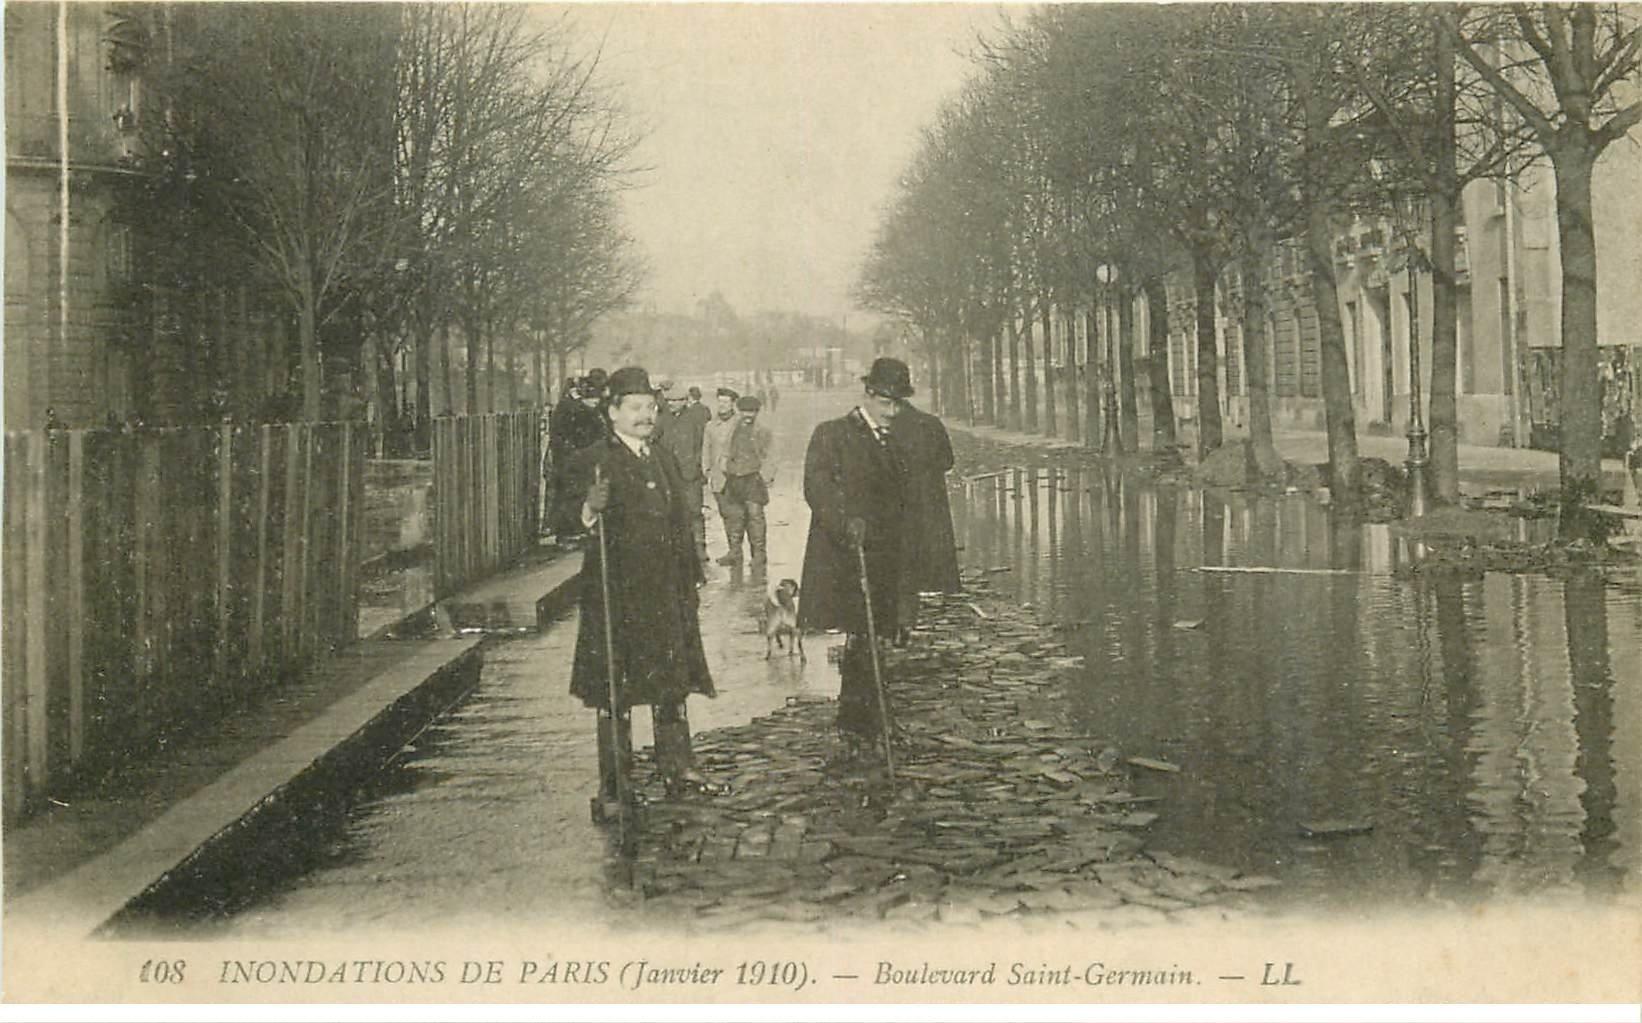 carte postale ancienne INONDATION ET CRUE PARIS 1910. Boulevard Saint-Germain les pavés en bois